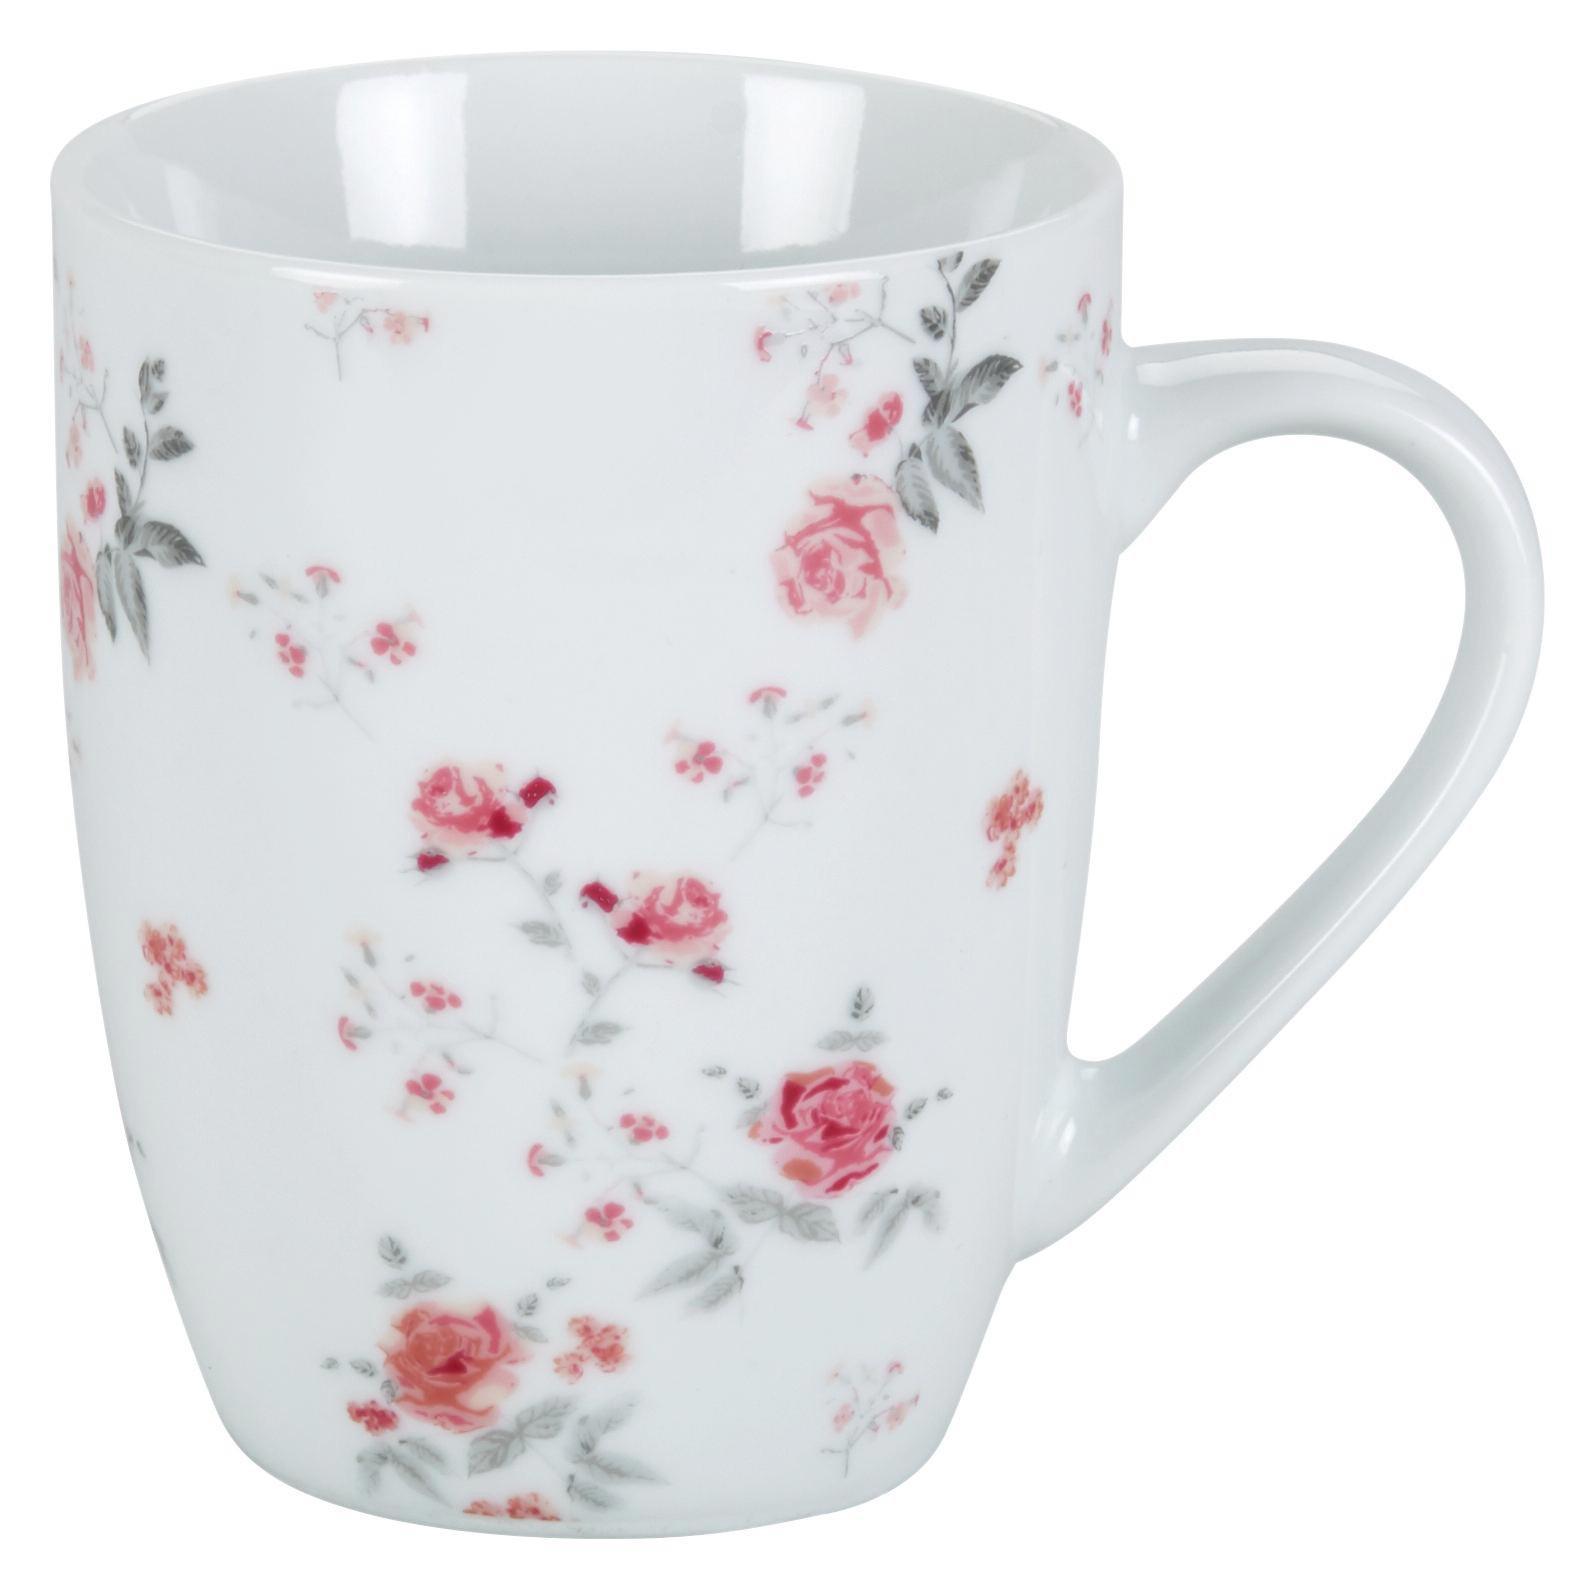 Kaffeebecher Roseanne mit Rosen Motiv - Pink/Grau, ROMANTIK / LANDHAUS, Keramik (8,4/10,5cm) - ZANDIARA